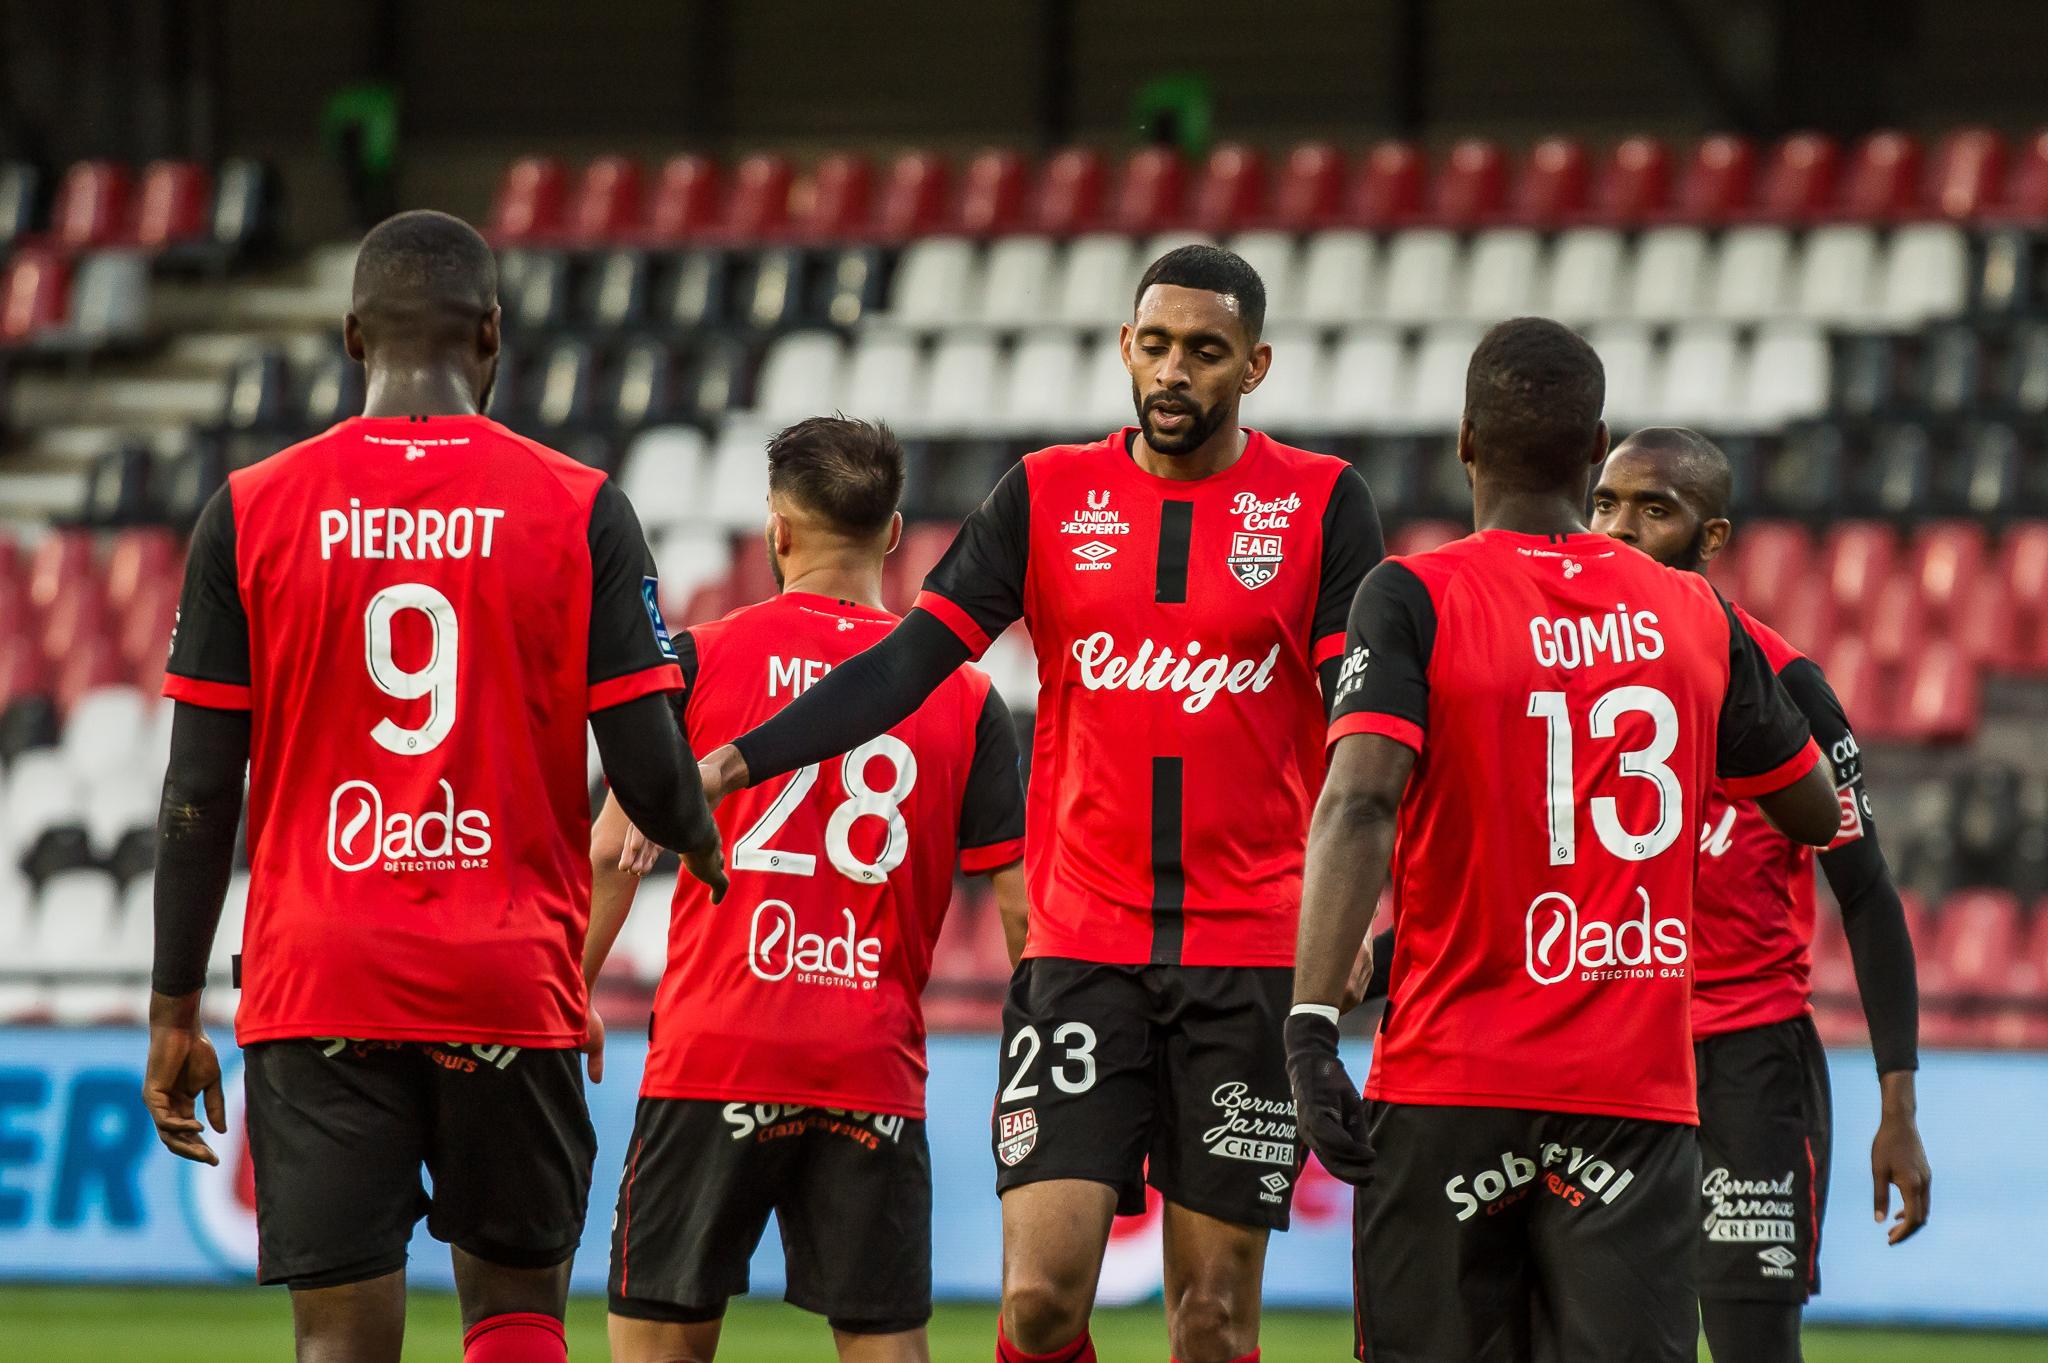 EA Guingamp La Berrichonne Châteauroux J37 Ligue 2 BKT EAGLBC 2-0 Stade de Roudourou FRA_5659